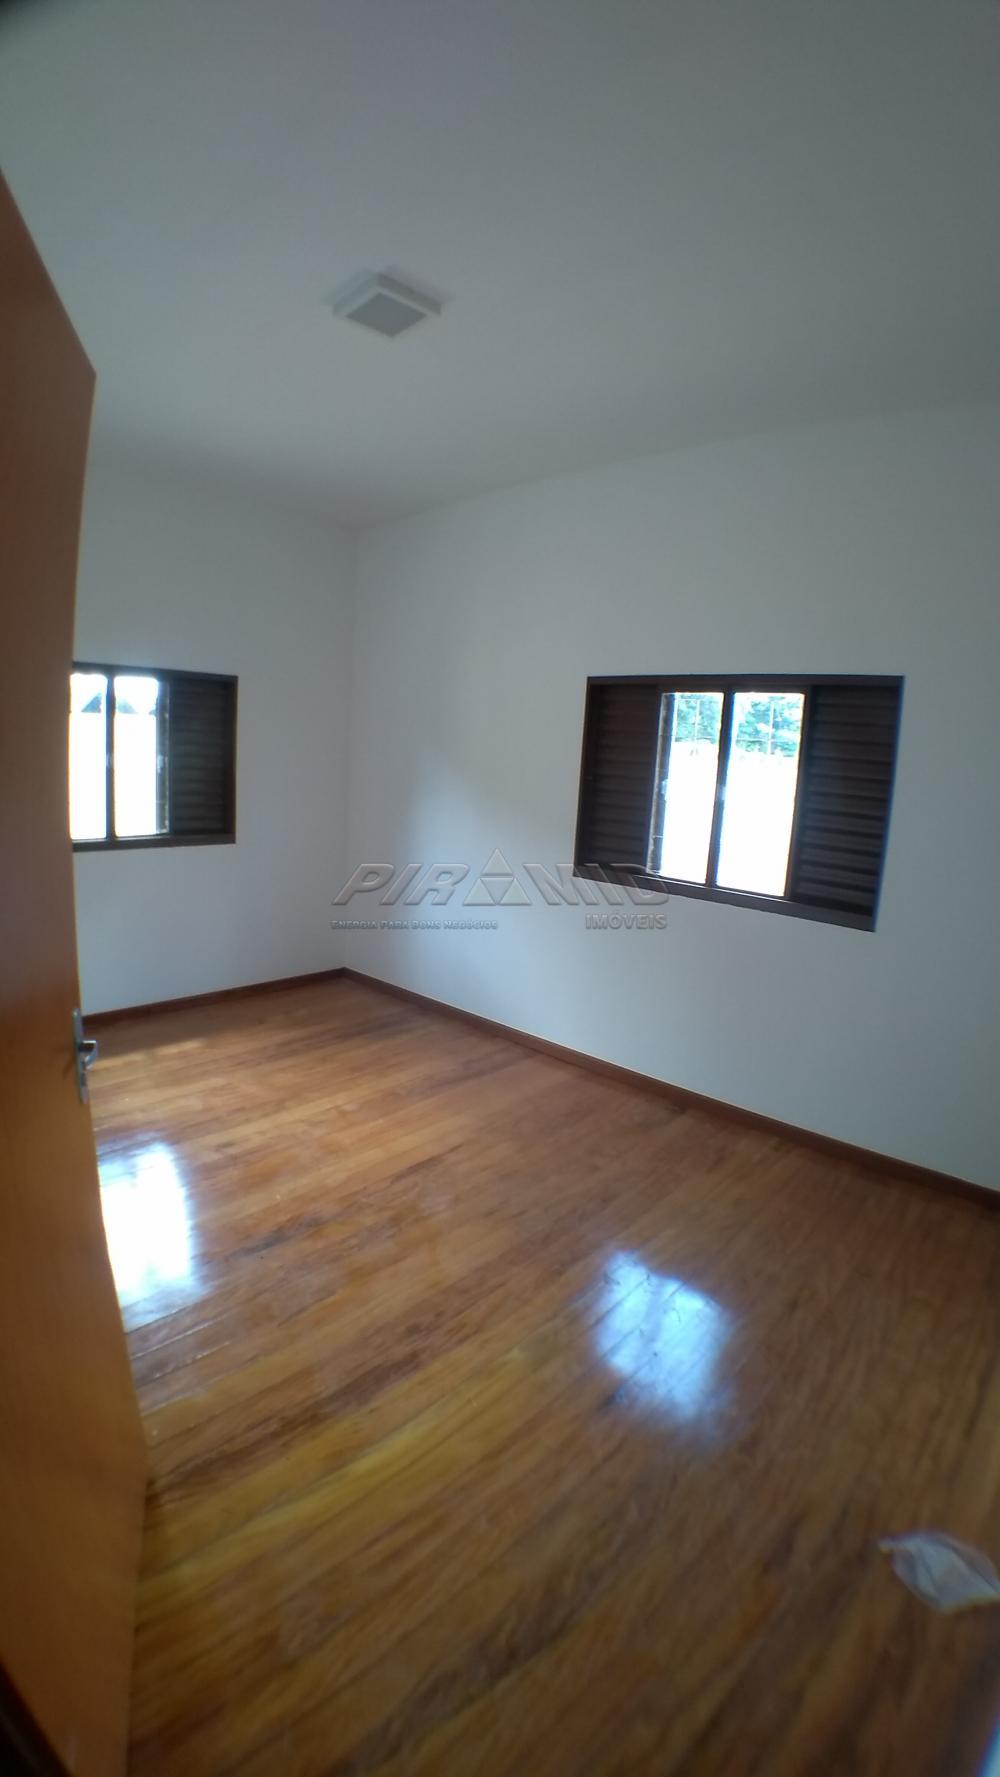 Alugar Casa / Padrão em Ribeirão Preto apenas R$ 3.400,00 - Foto 7